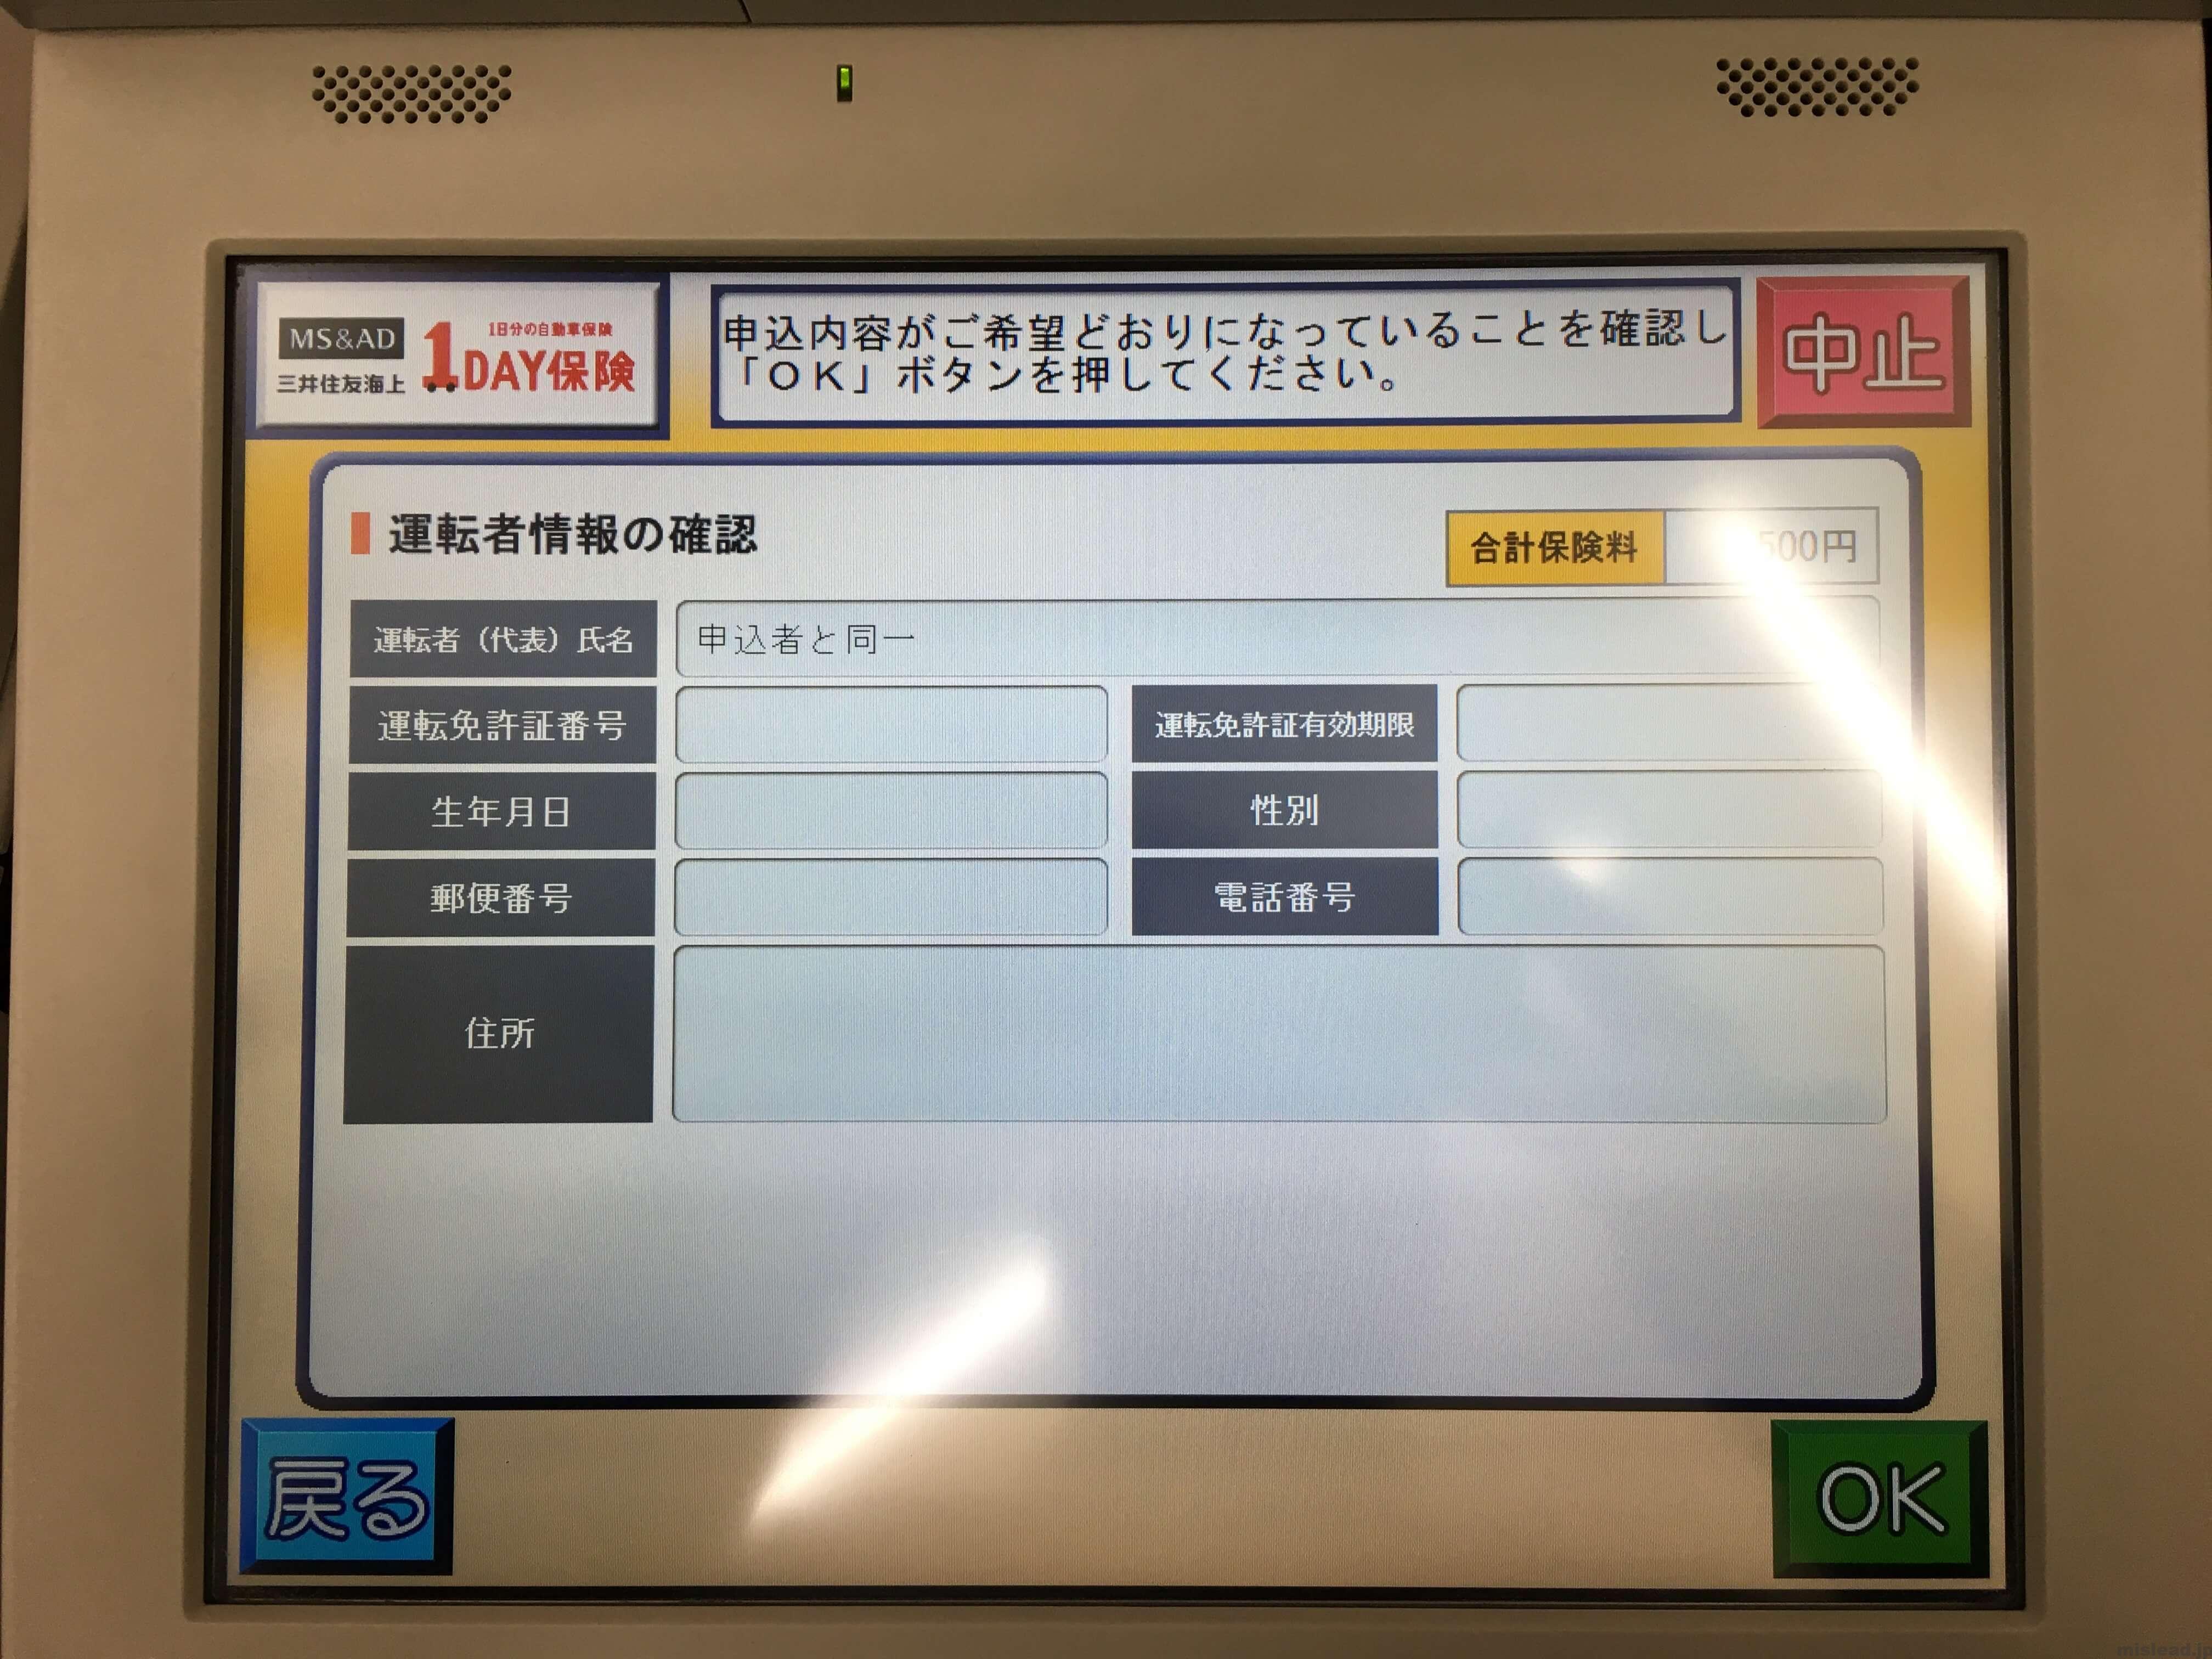 マルチコピー機の画面 運転者情報の確認